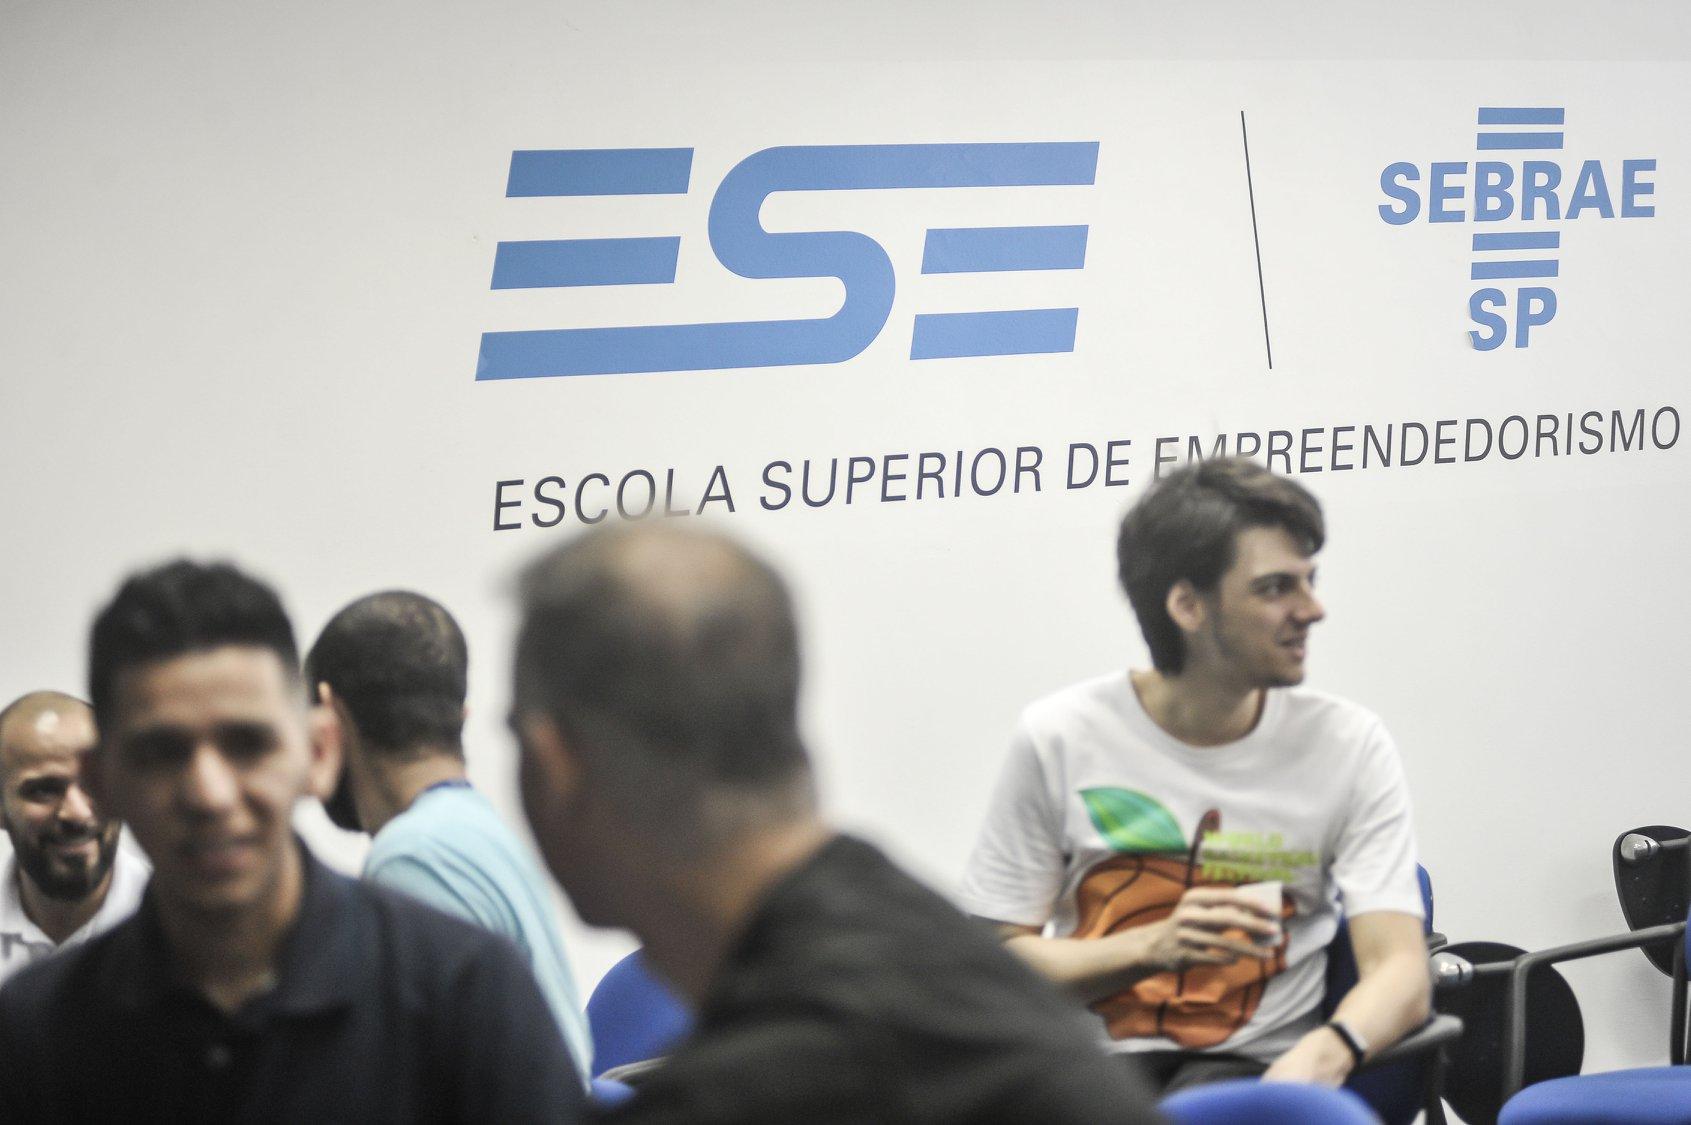 Escola de Empreendedorismo do Sebrae-SP